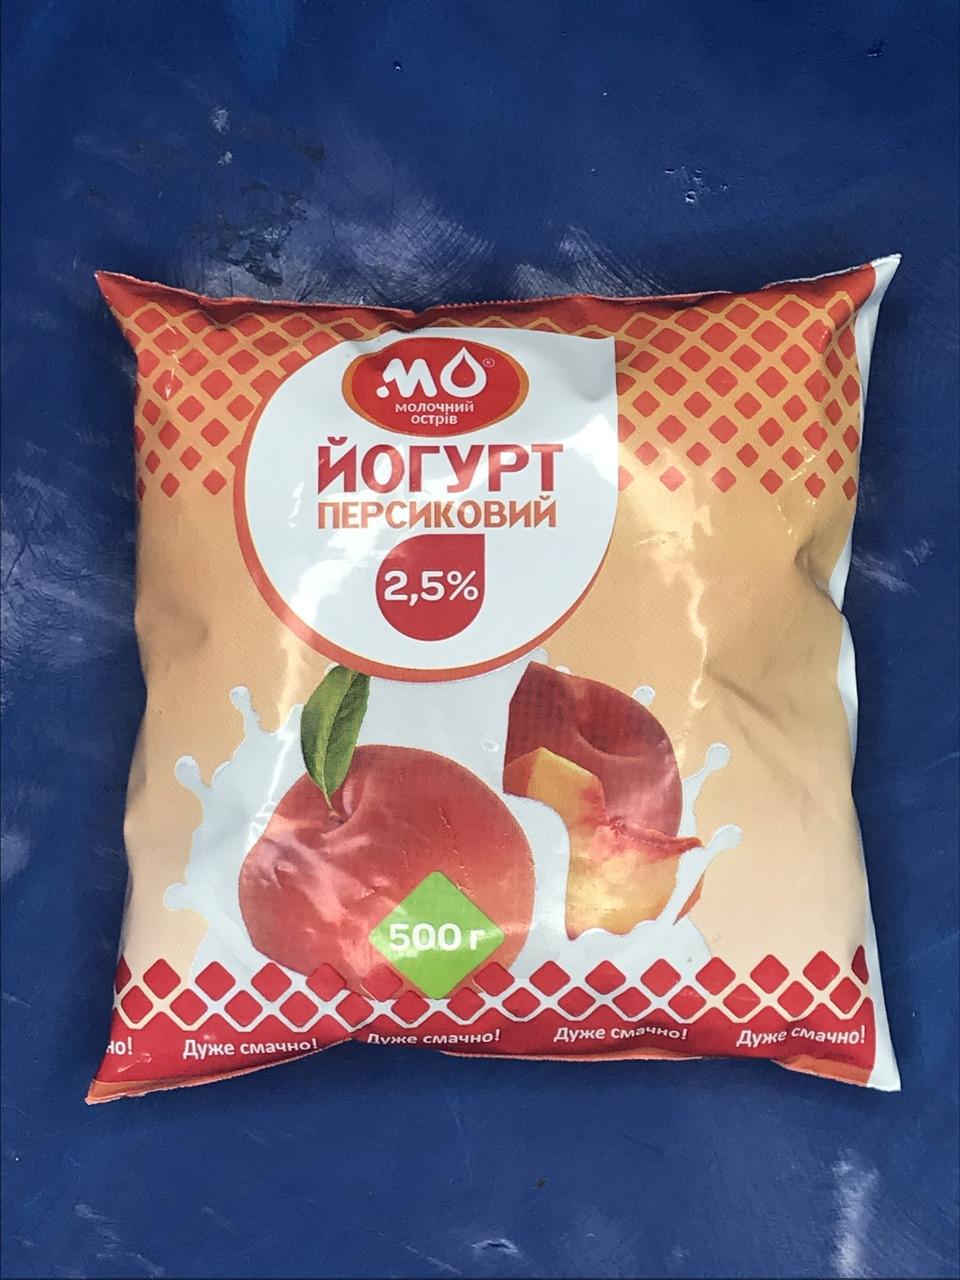 Йогурт персиковый от Малороганский молочный завод